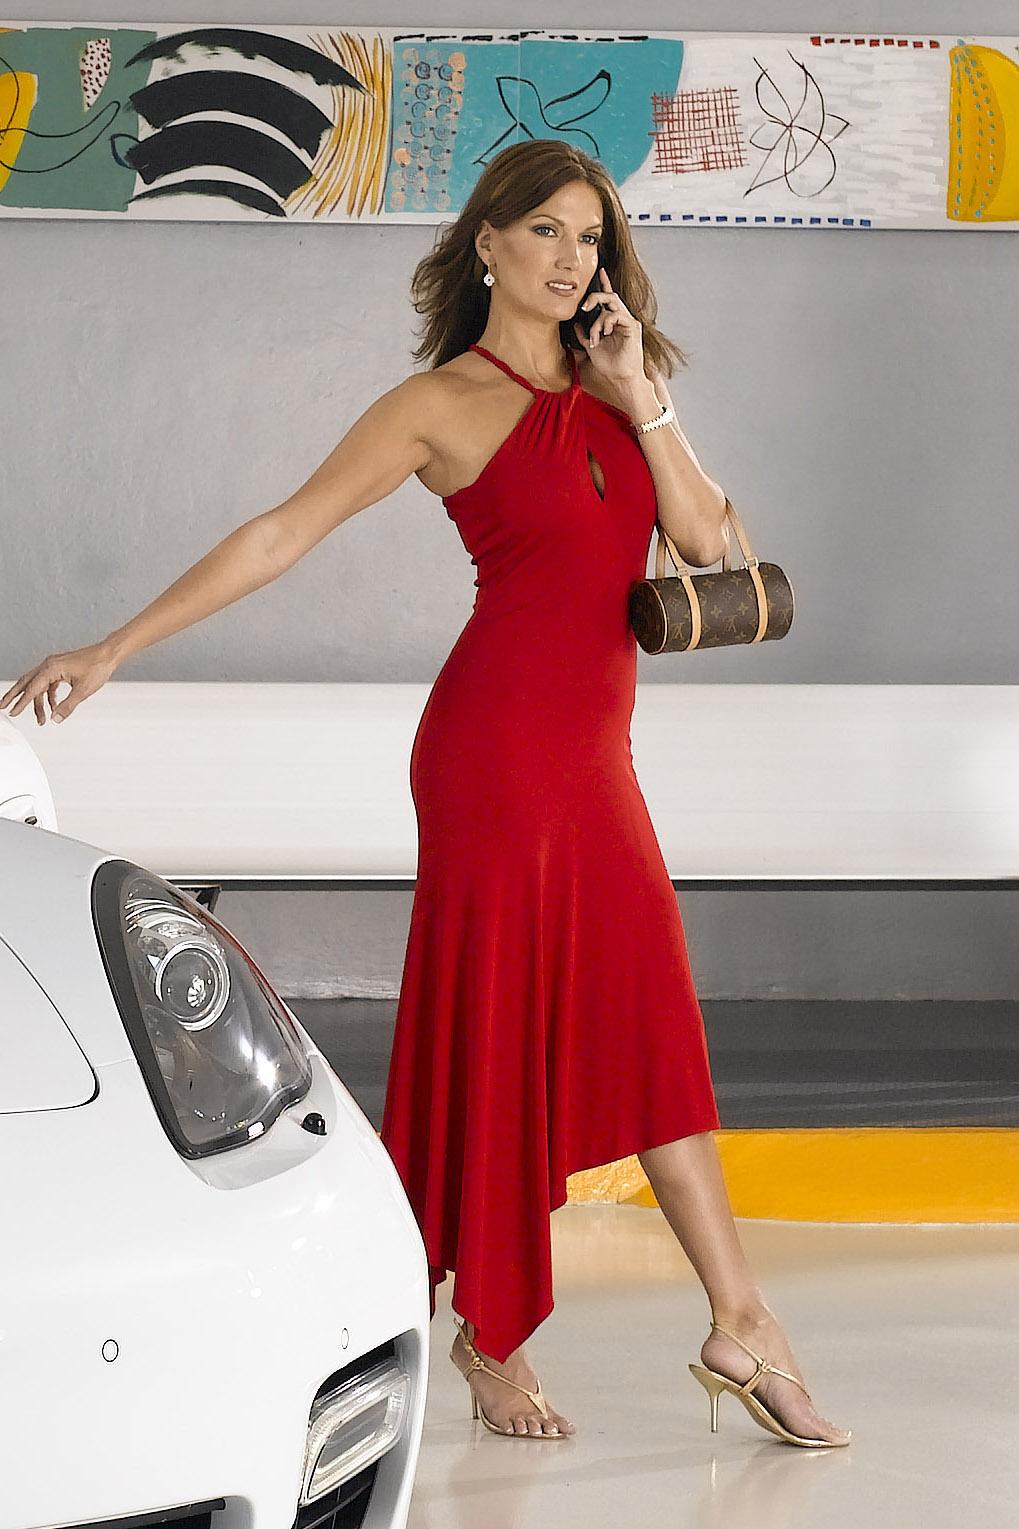 Deana Clark Fashion Model 2